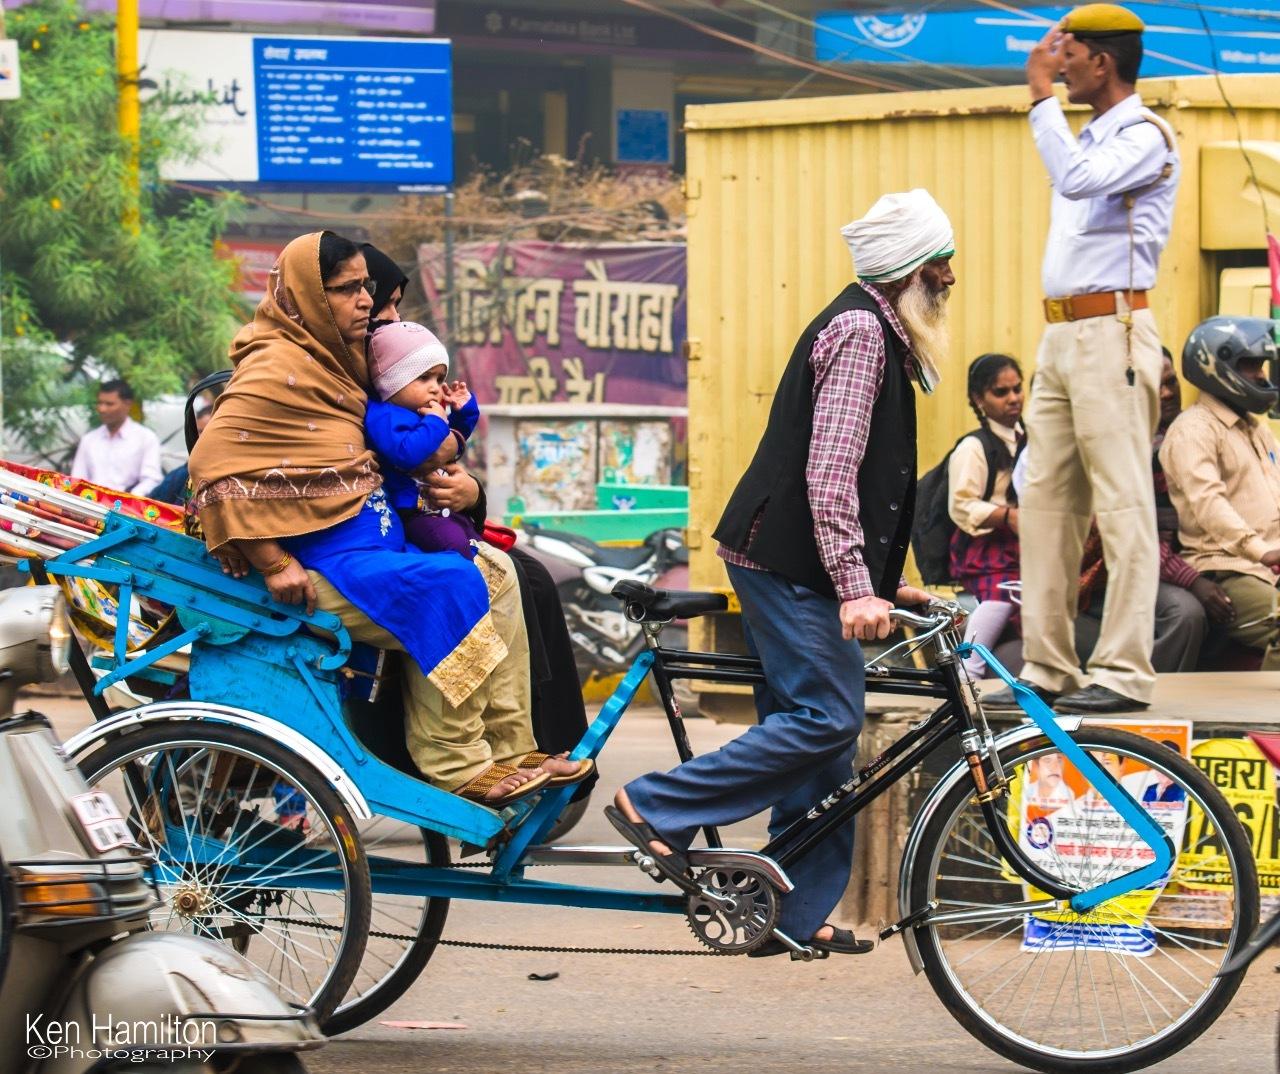 The Busy Streets Of India by KenHamilton